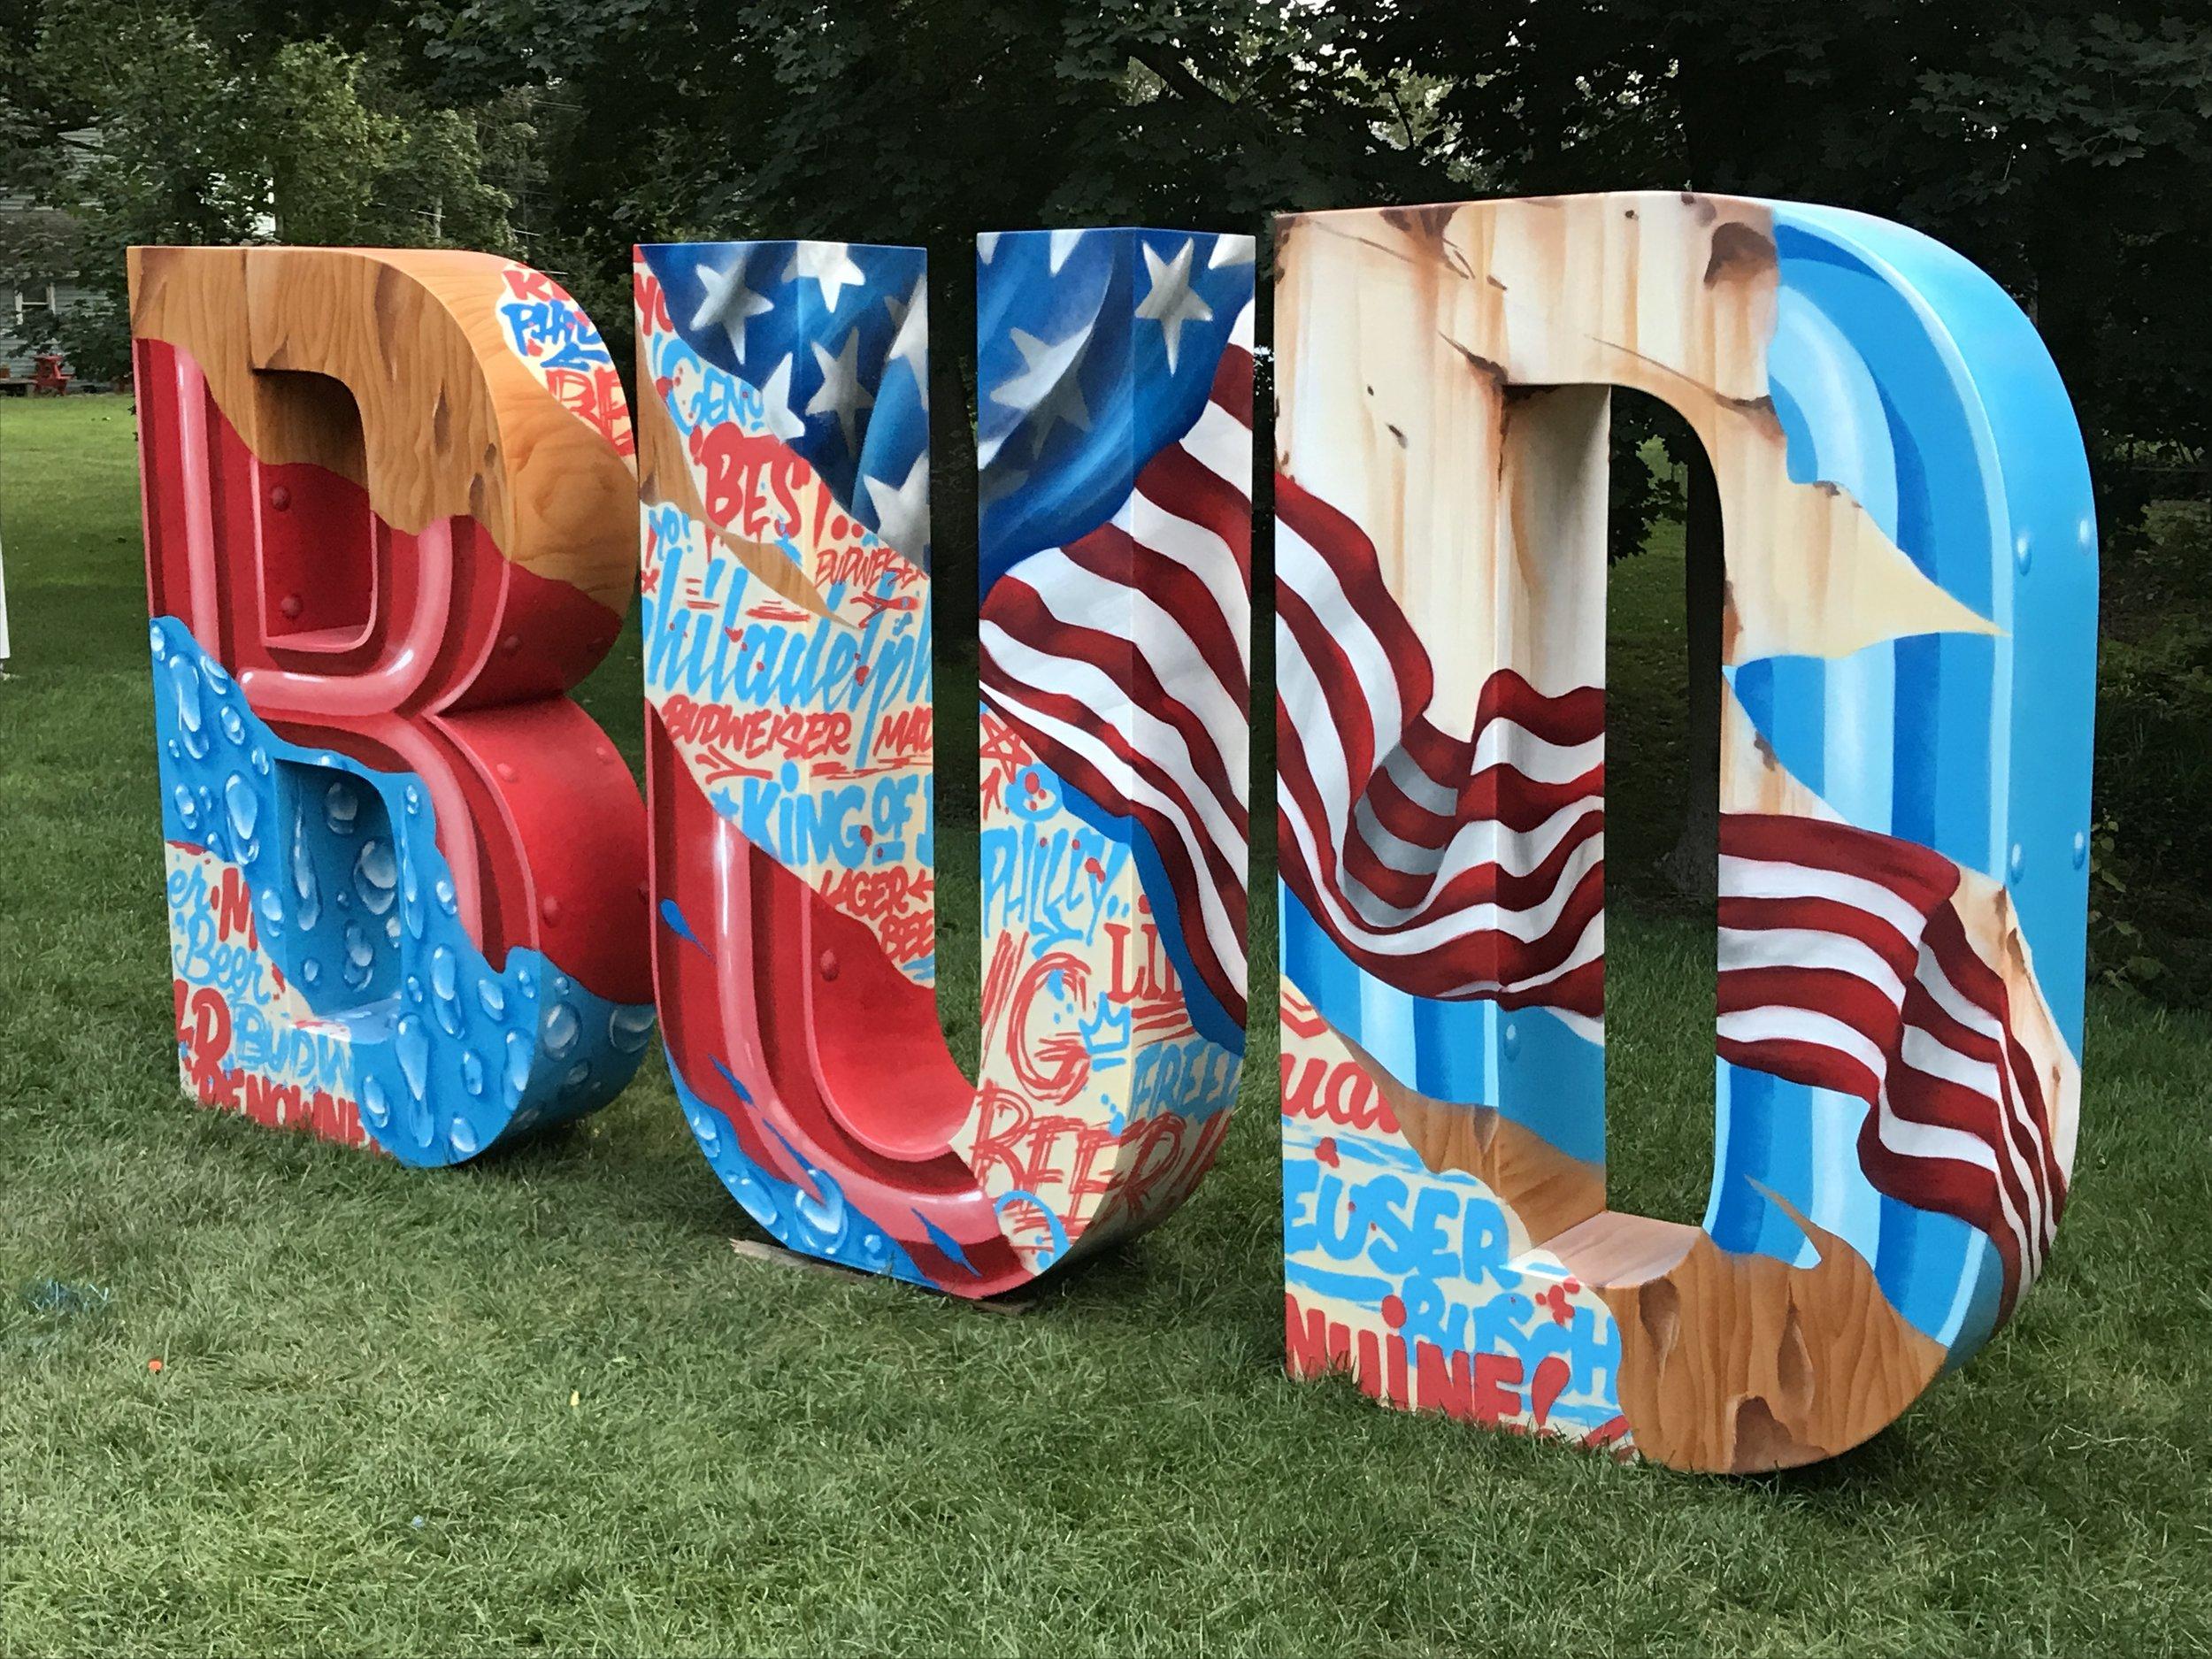 Budweiser - Made In America Festival